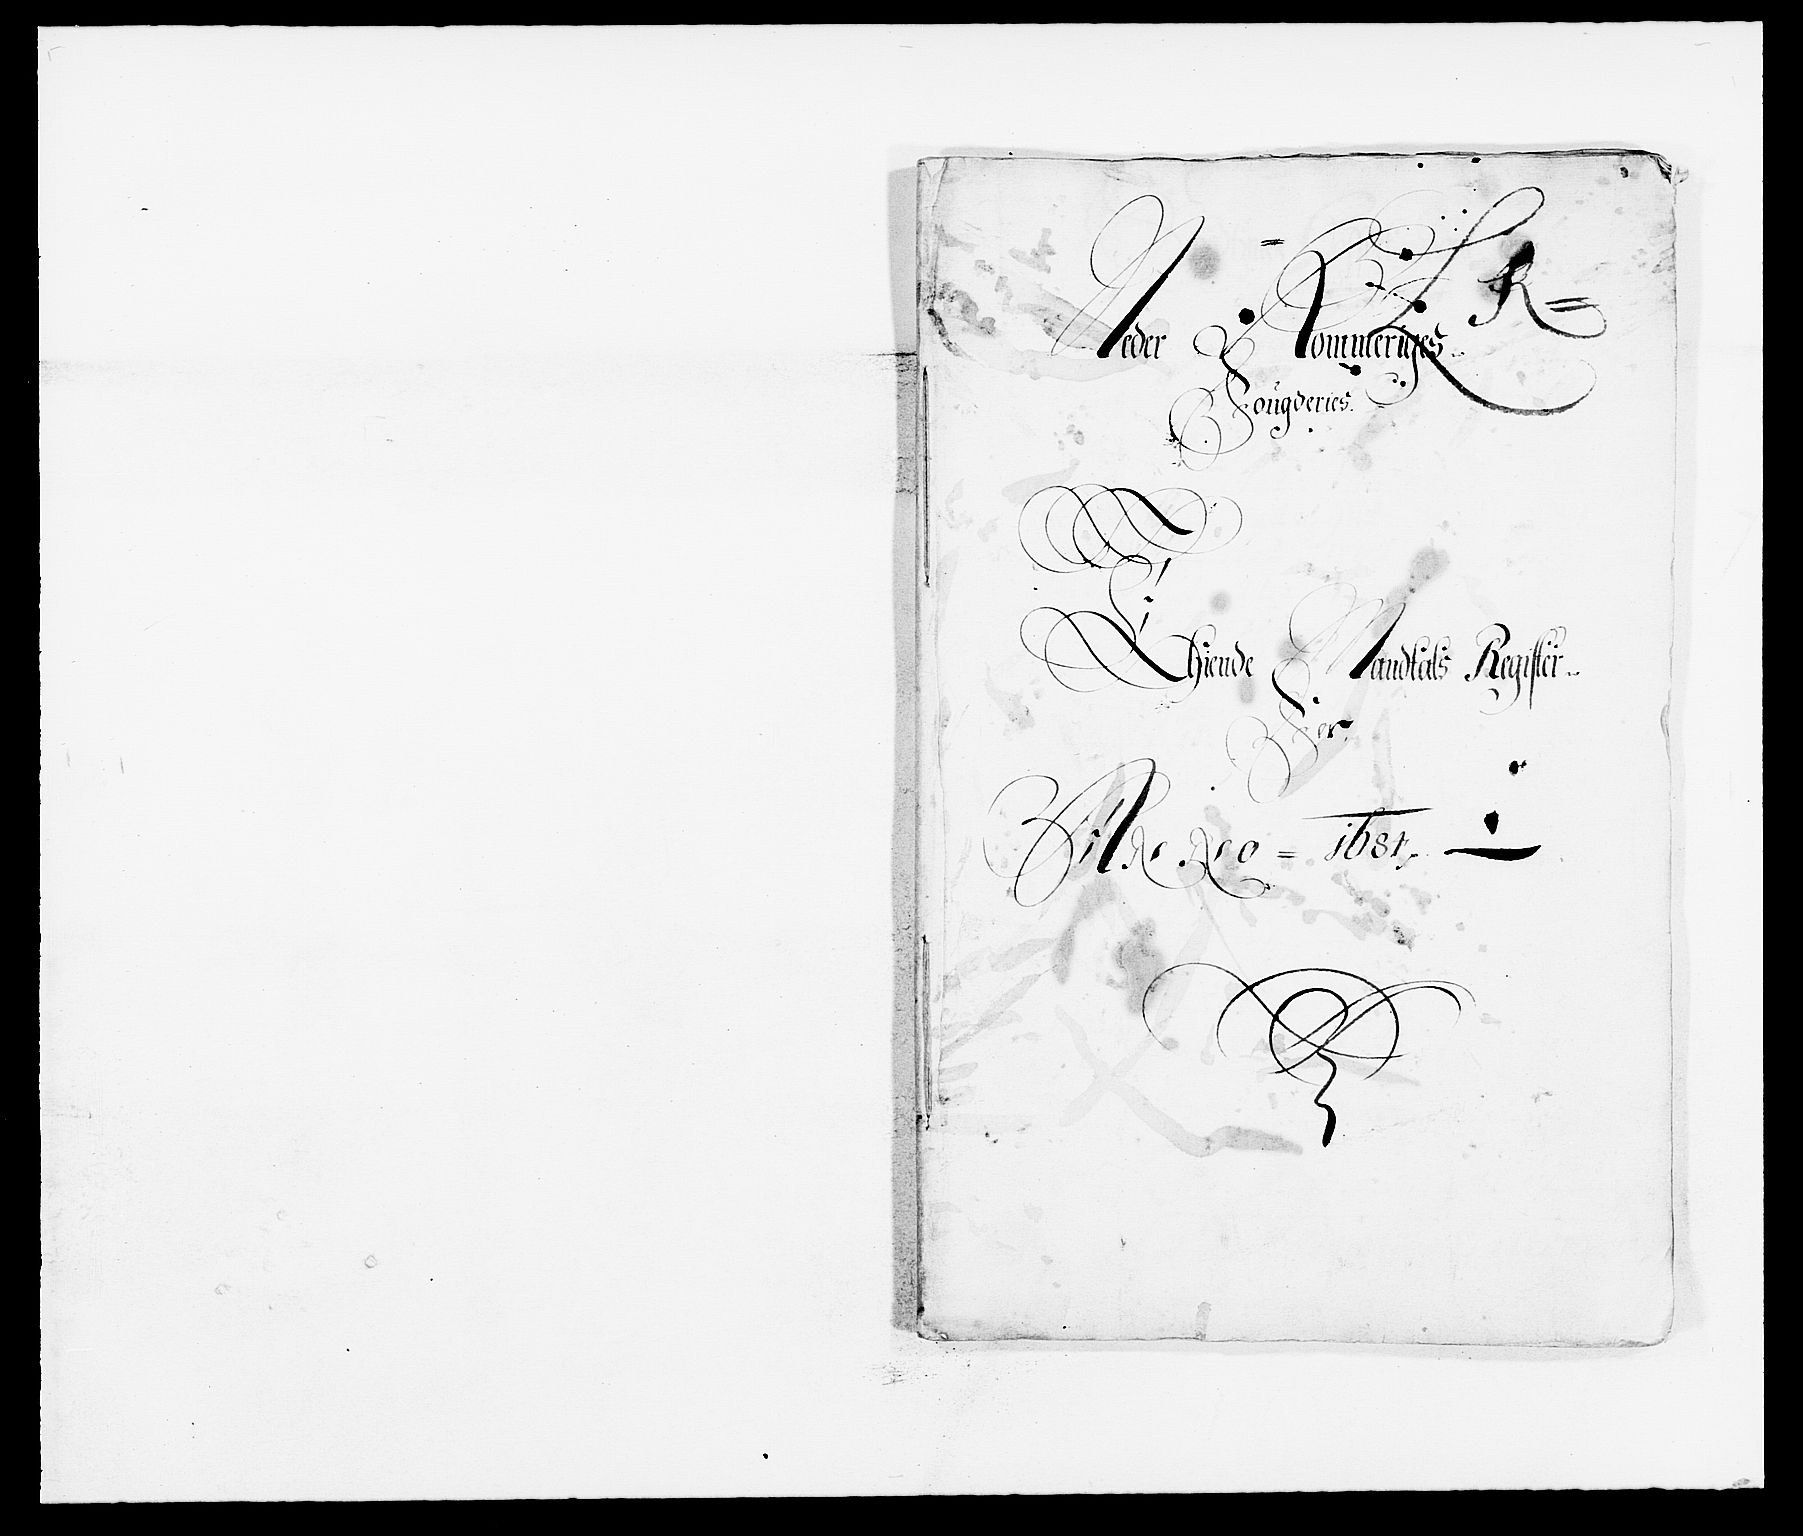 RA, Rentekammeret inntil 1814, Reviderte regnskaper, Fogderegnskap, R11/L0571: Fogderegnskap Nedre Romerike, 1683-1685, s. 174